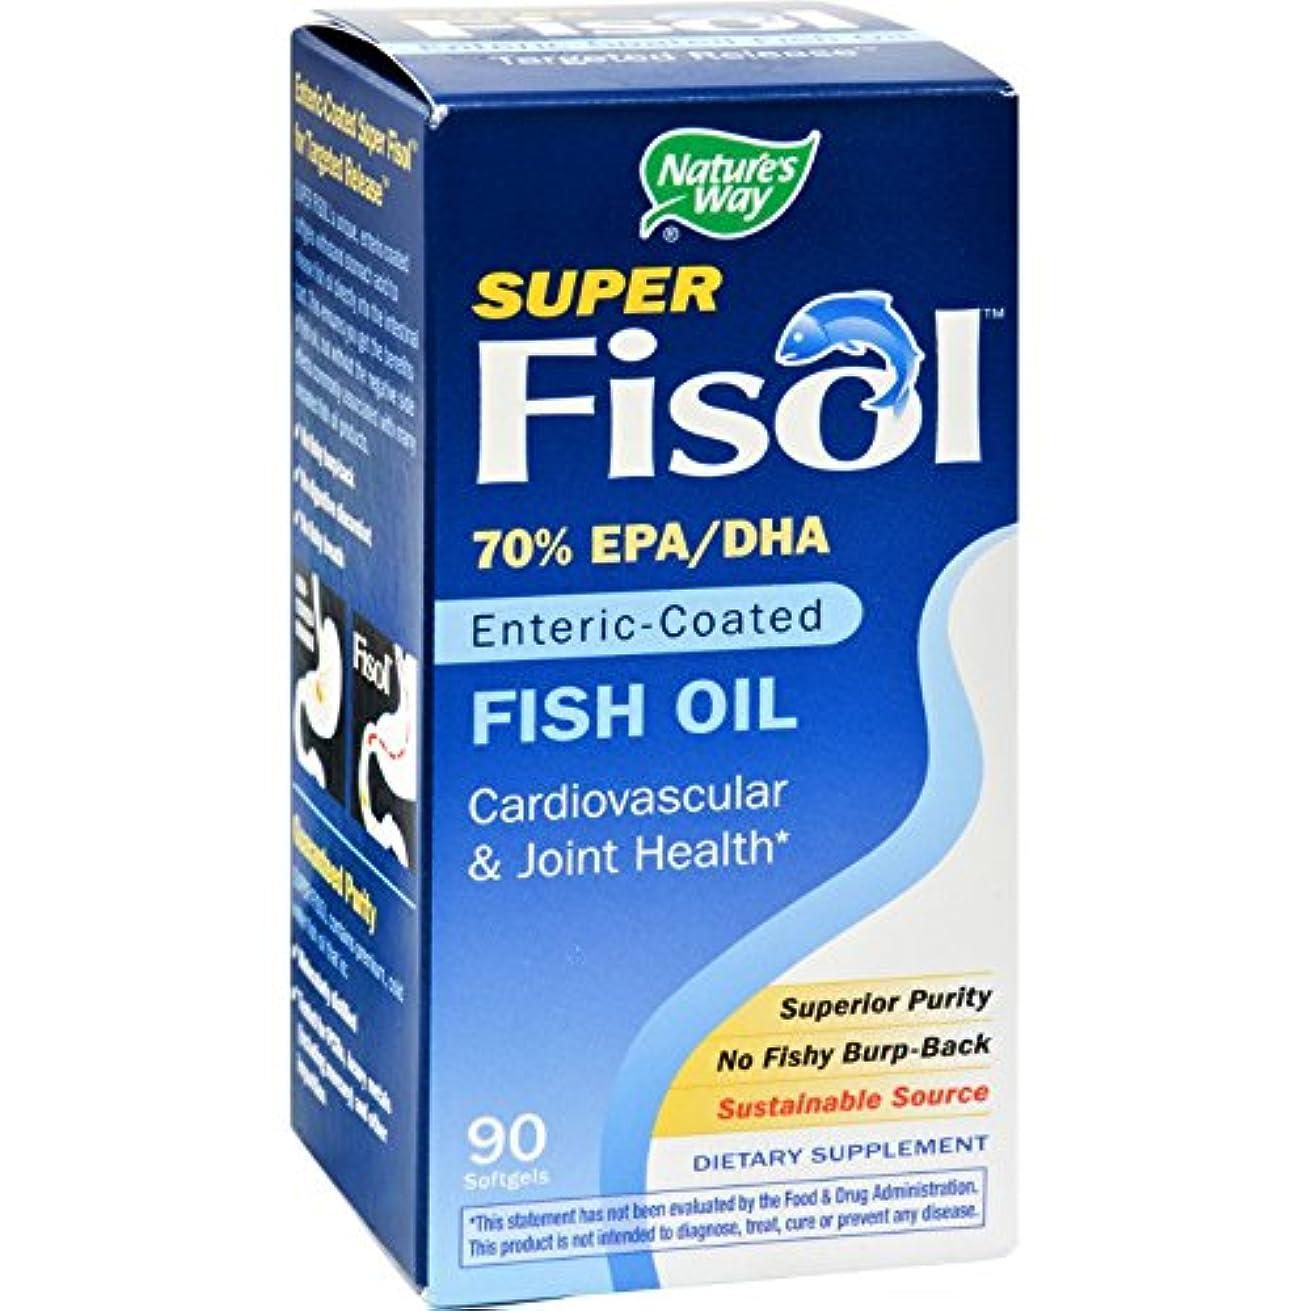 内なる信頼性段階スーパーフィソール(高含有EPA?DHA) 90粒[海外直送品]